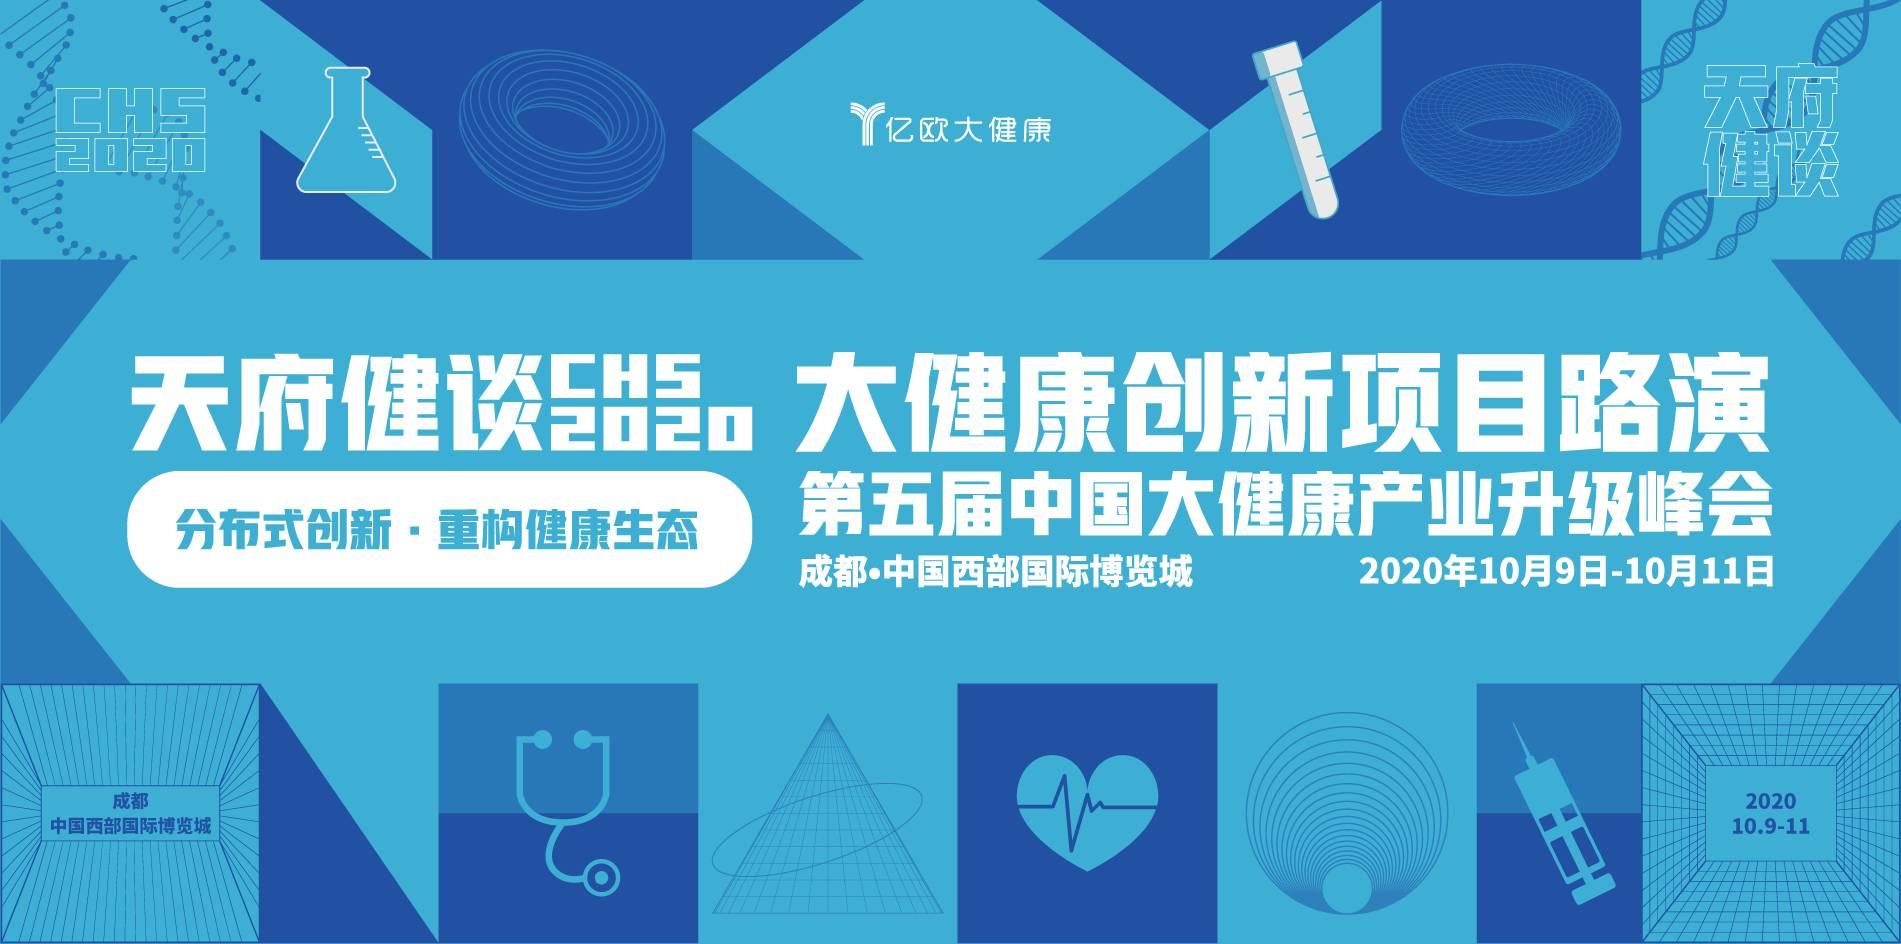 【活動】大健康創新項目路演-億歐